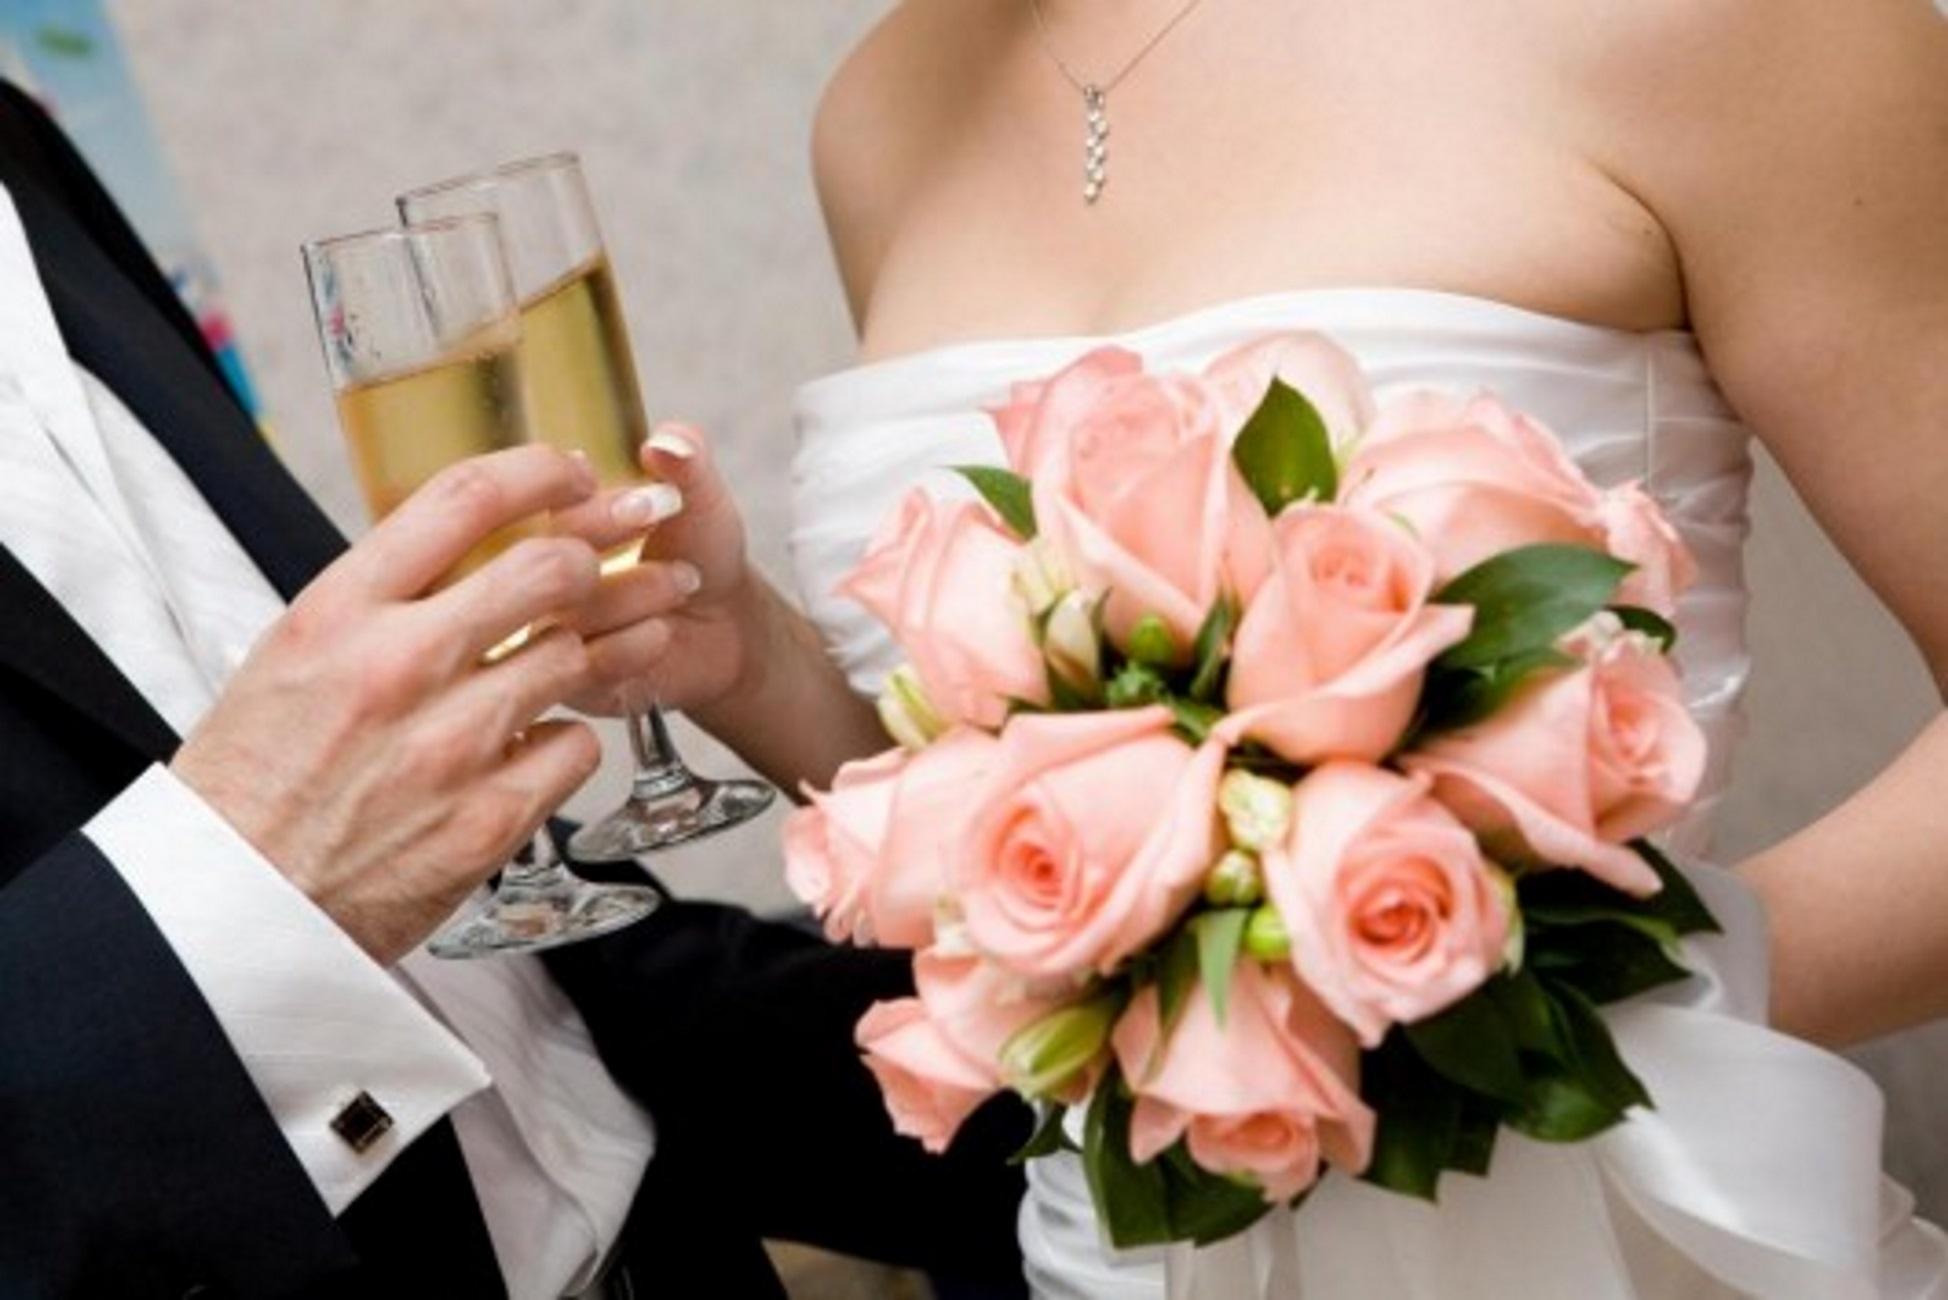 """Κάτω Αχαΐα: """"Τσουχτερό"""" πρόστιμο σε… γλέντι πριν από γάμο!"""